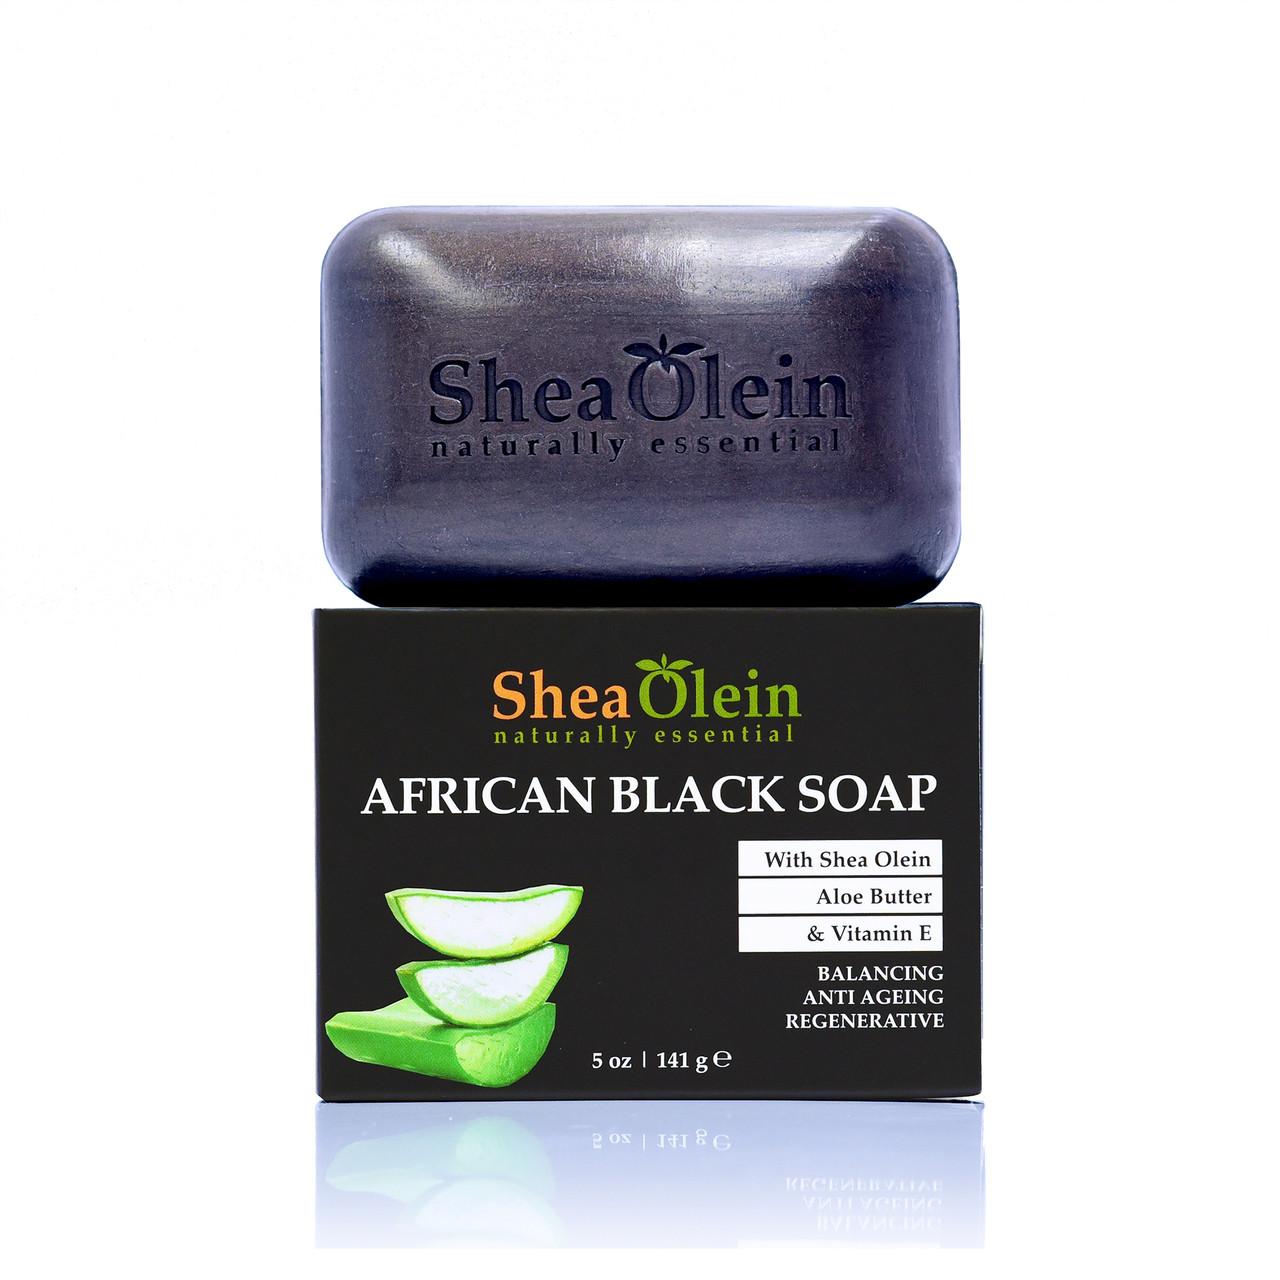 African Black Soap w/Shea Olein, Aloe Butter & Vilamin E. by SheaOlien